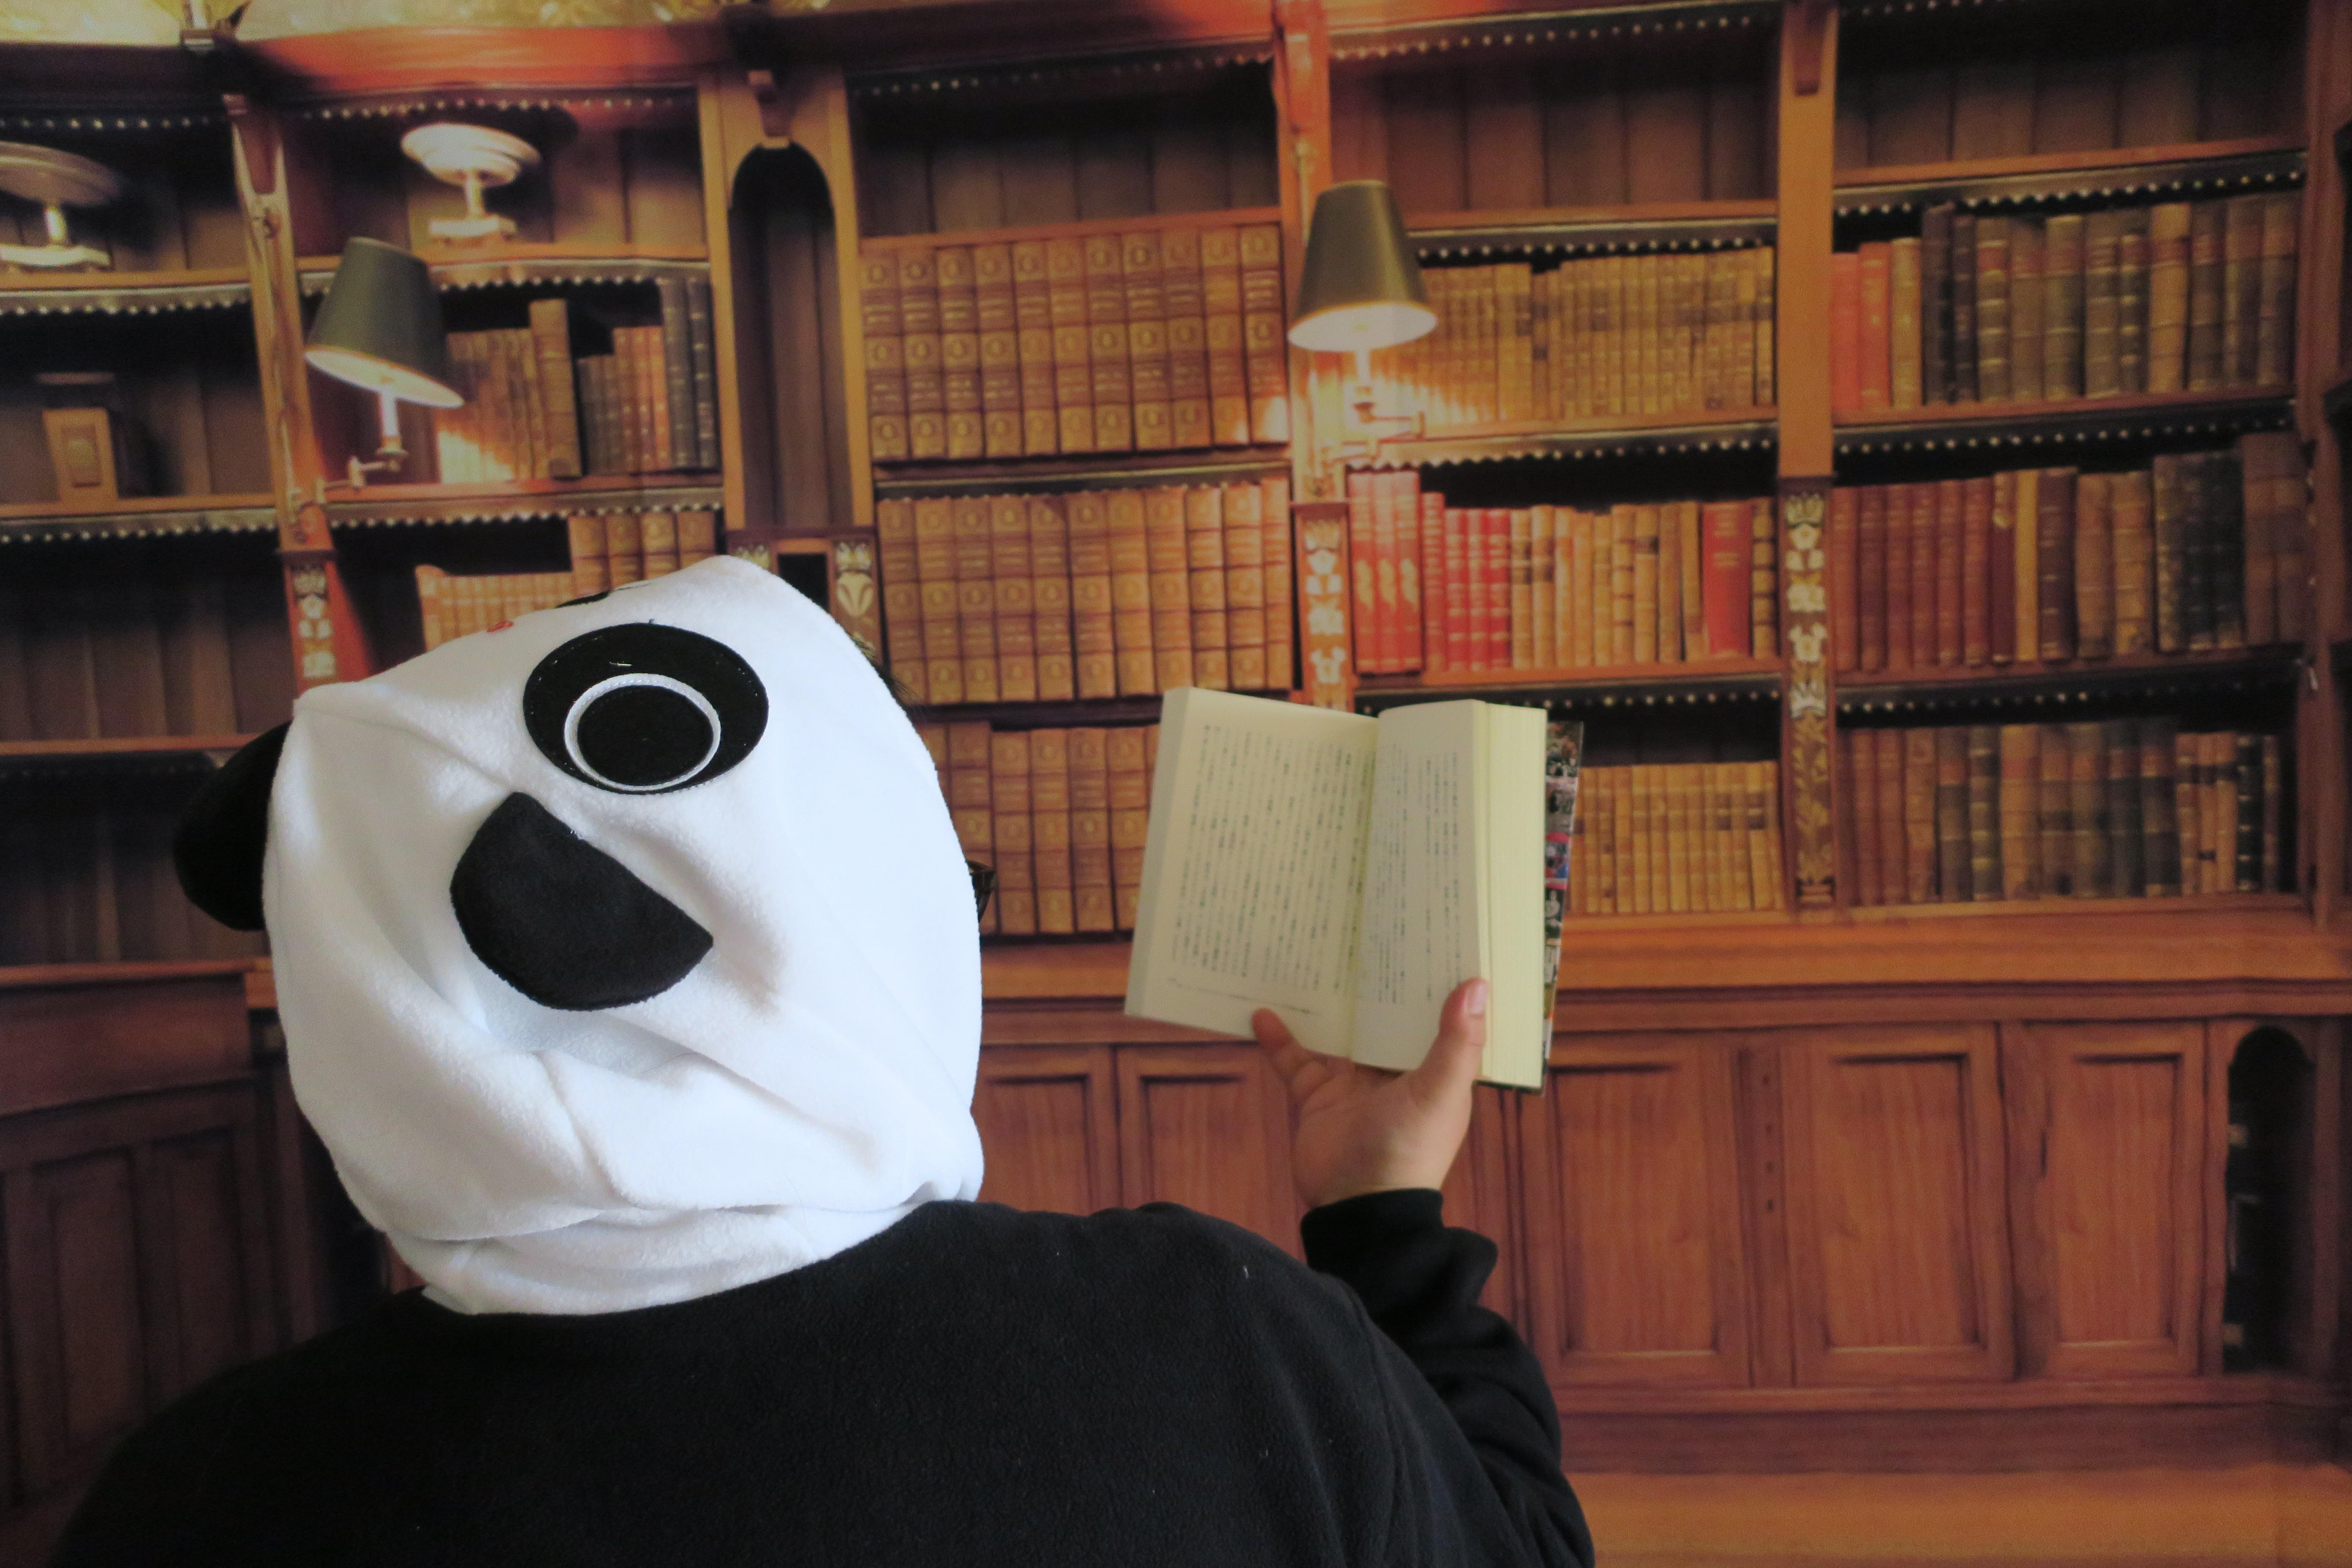 『龍が如く』『GTA』のゲーム実況禁止! 中国のユーチューバー規制とネット社会の変化